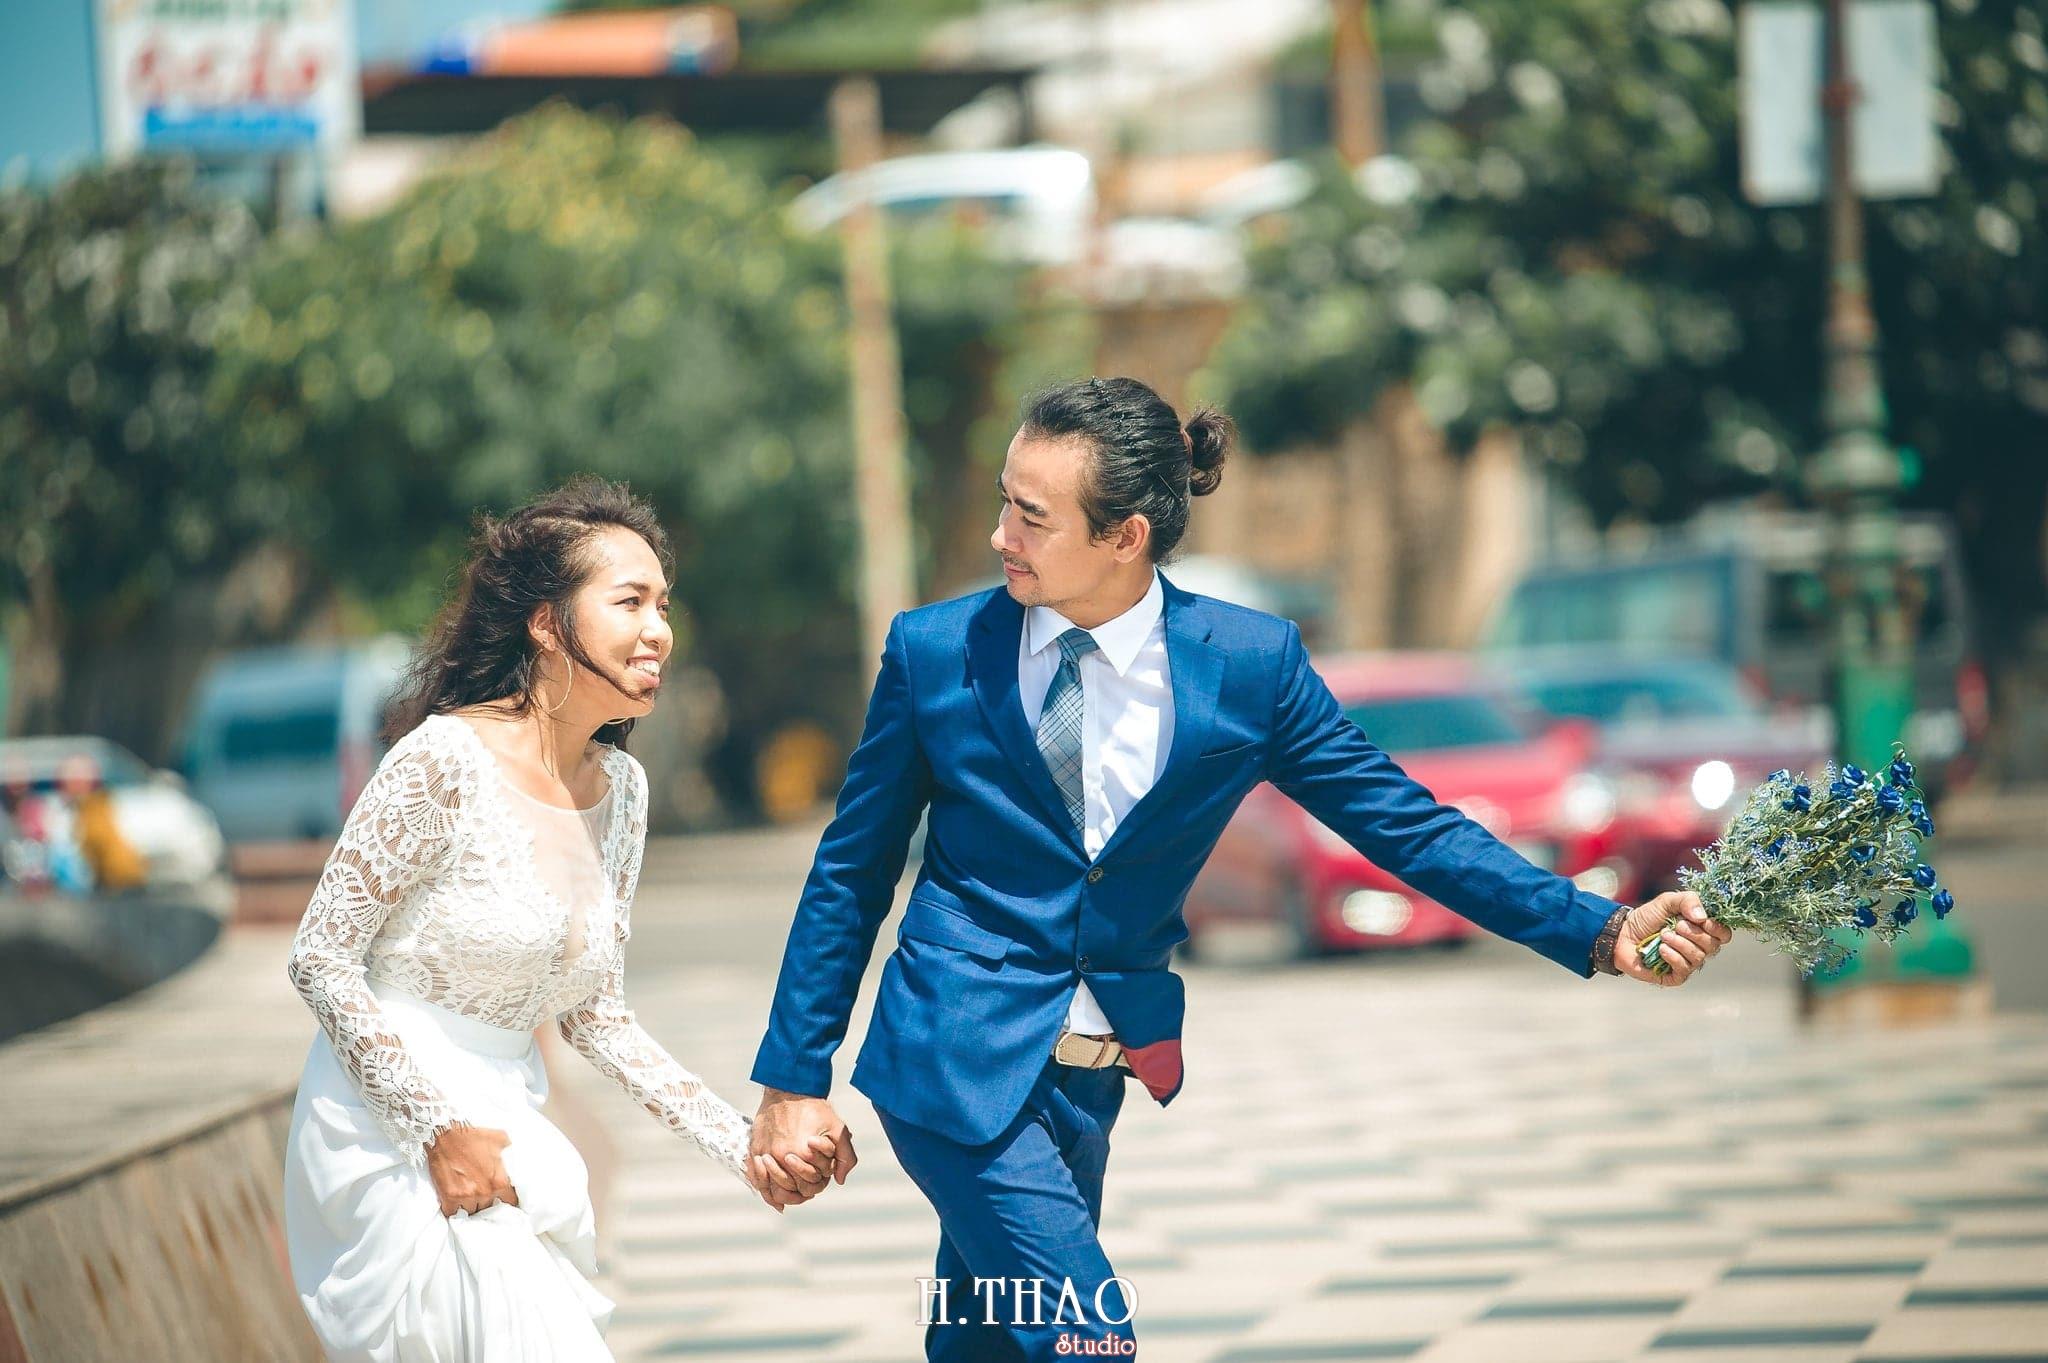 trung zen 7 - Album ảnh cưới chụp theo phong cách tây - HThao Studio